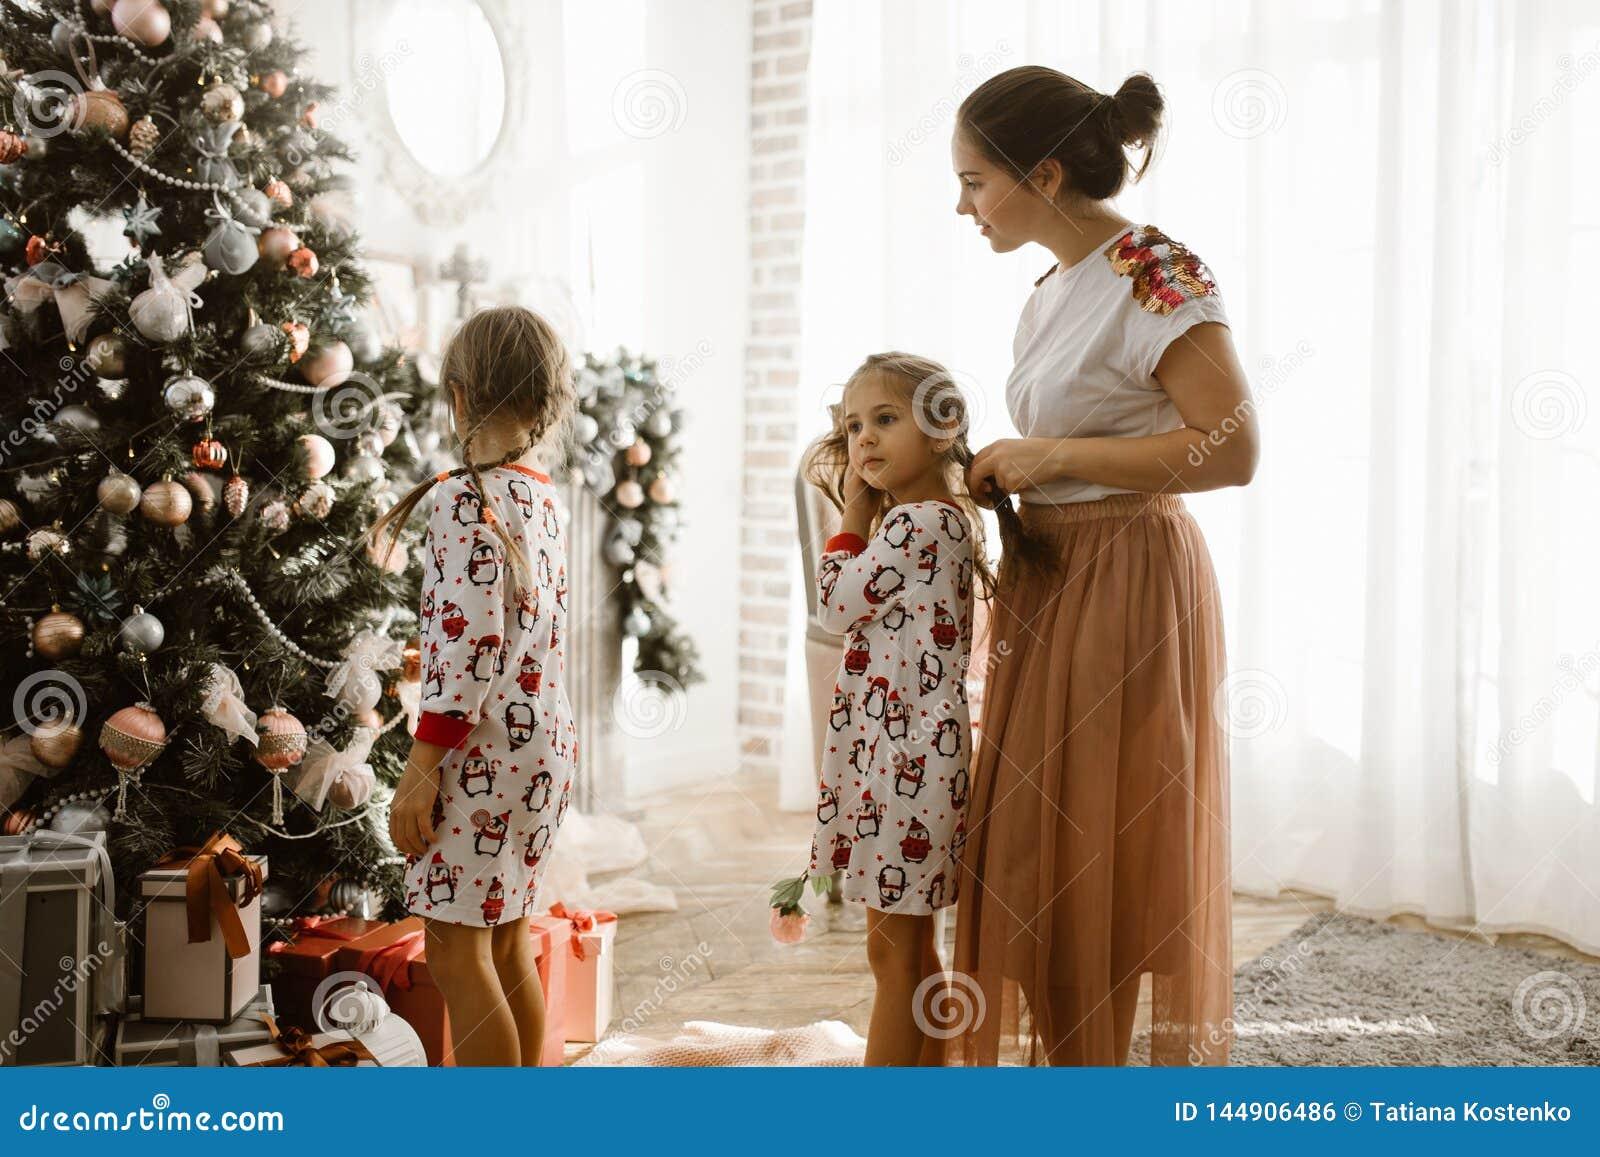 La madre que cuida trenza la trenza de su pequeña hija mientras que la hija del segundo adorna un árbol del Año Nuevo en la lu